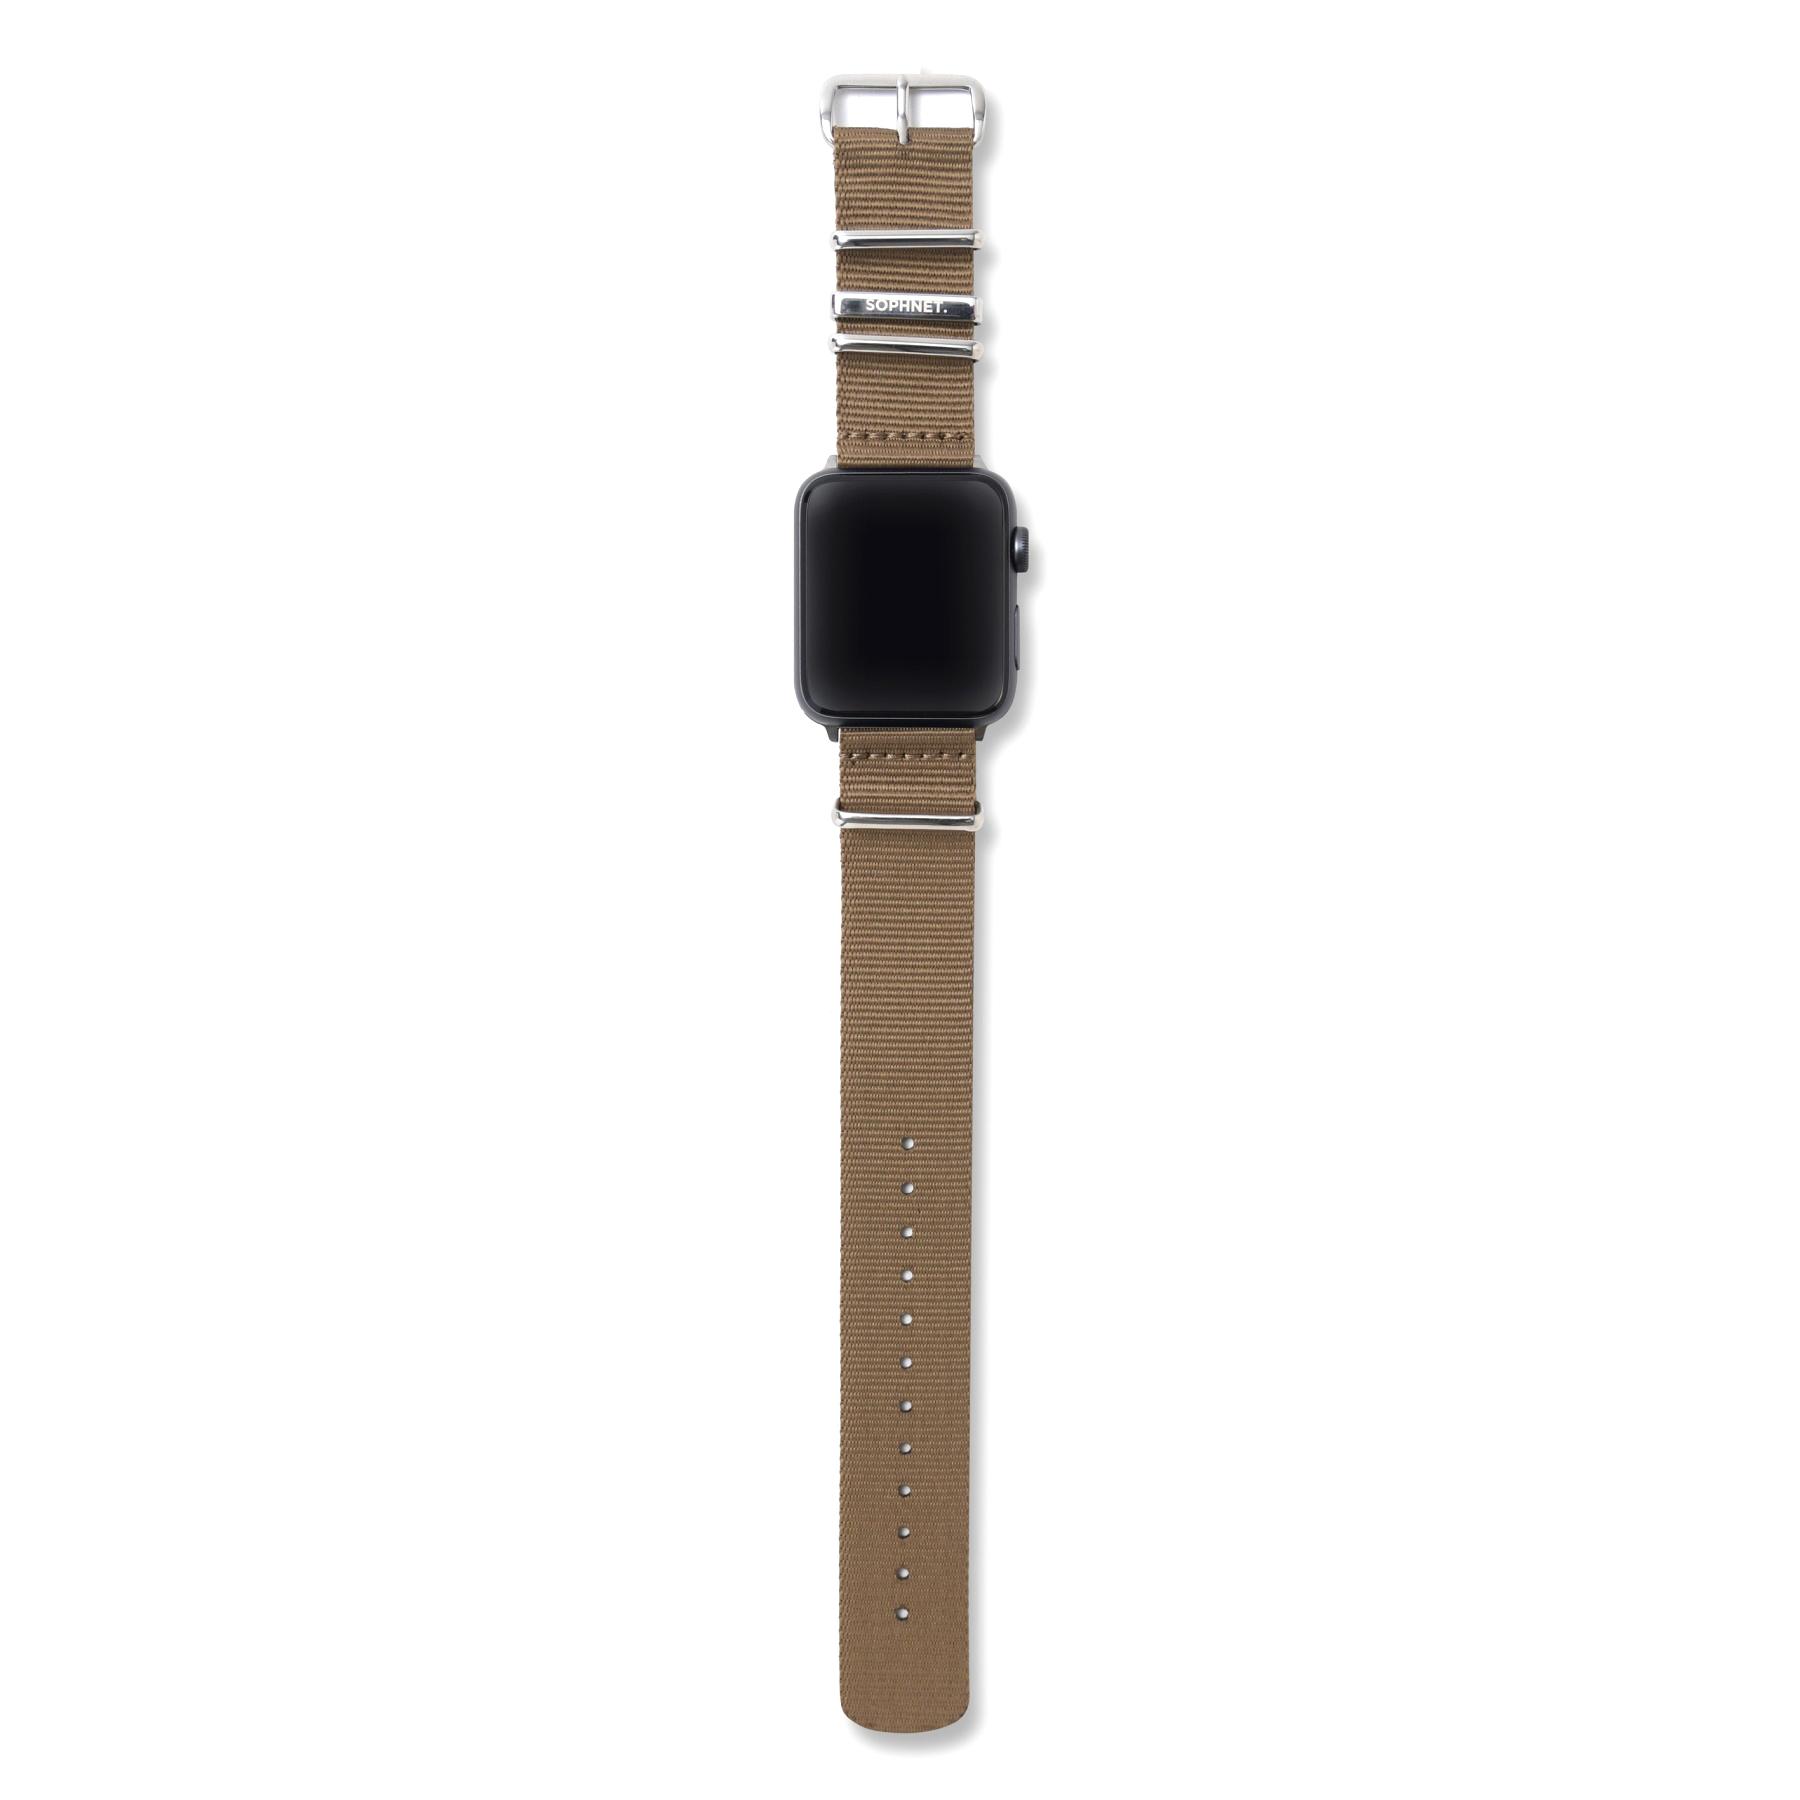 SOPHNET. / WATCH BAND for Apple Watch (Beige)